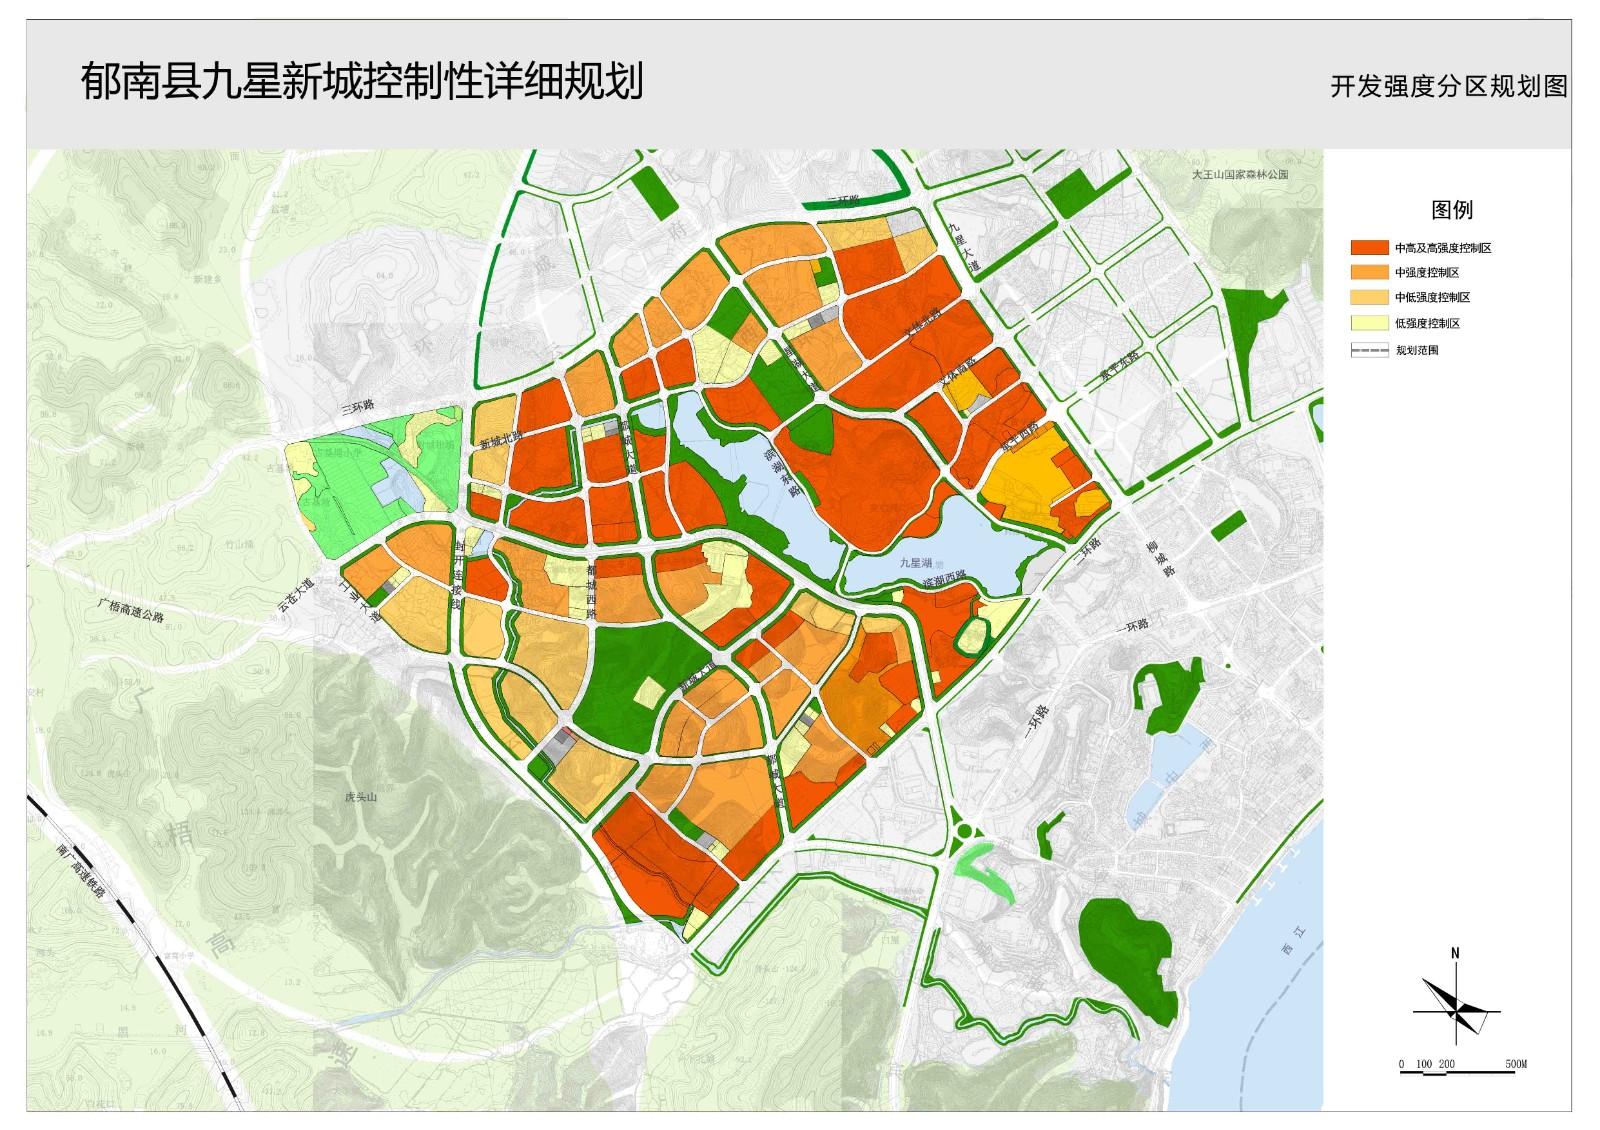 03 开发强度分区规划图.jpg